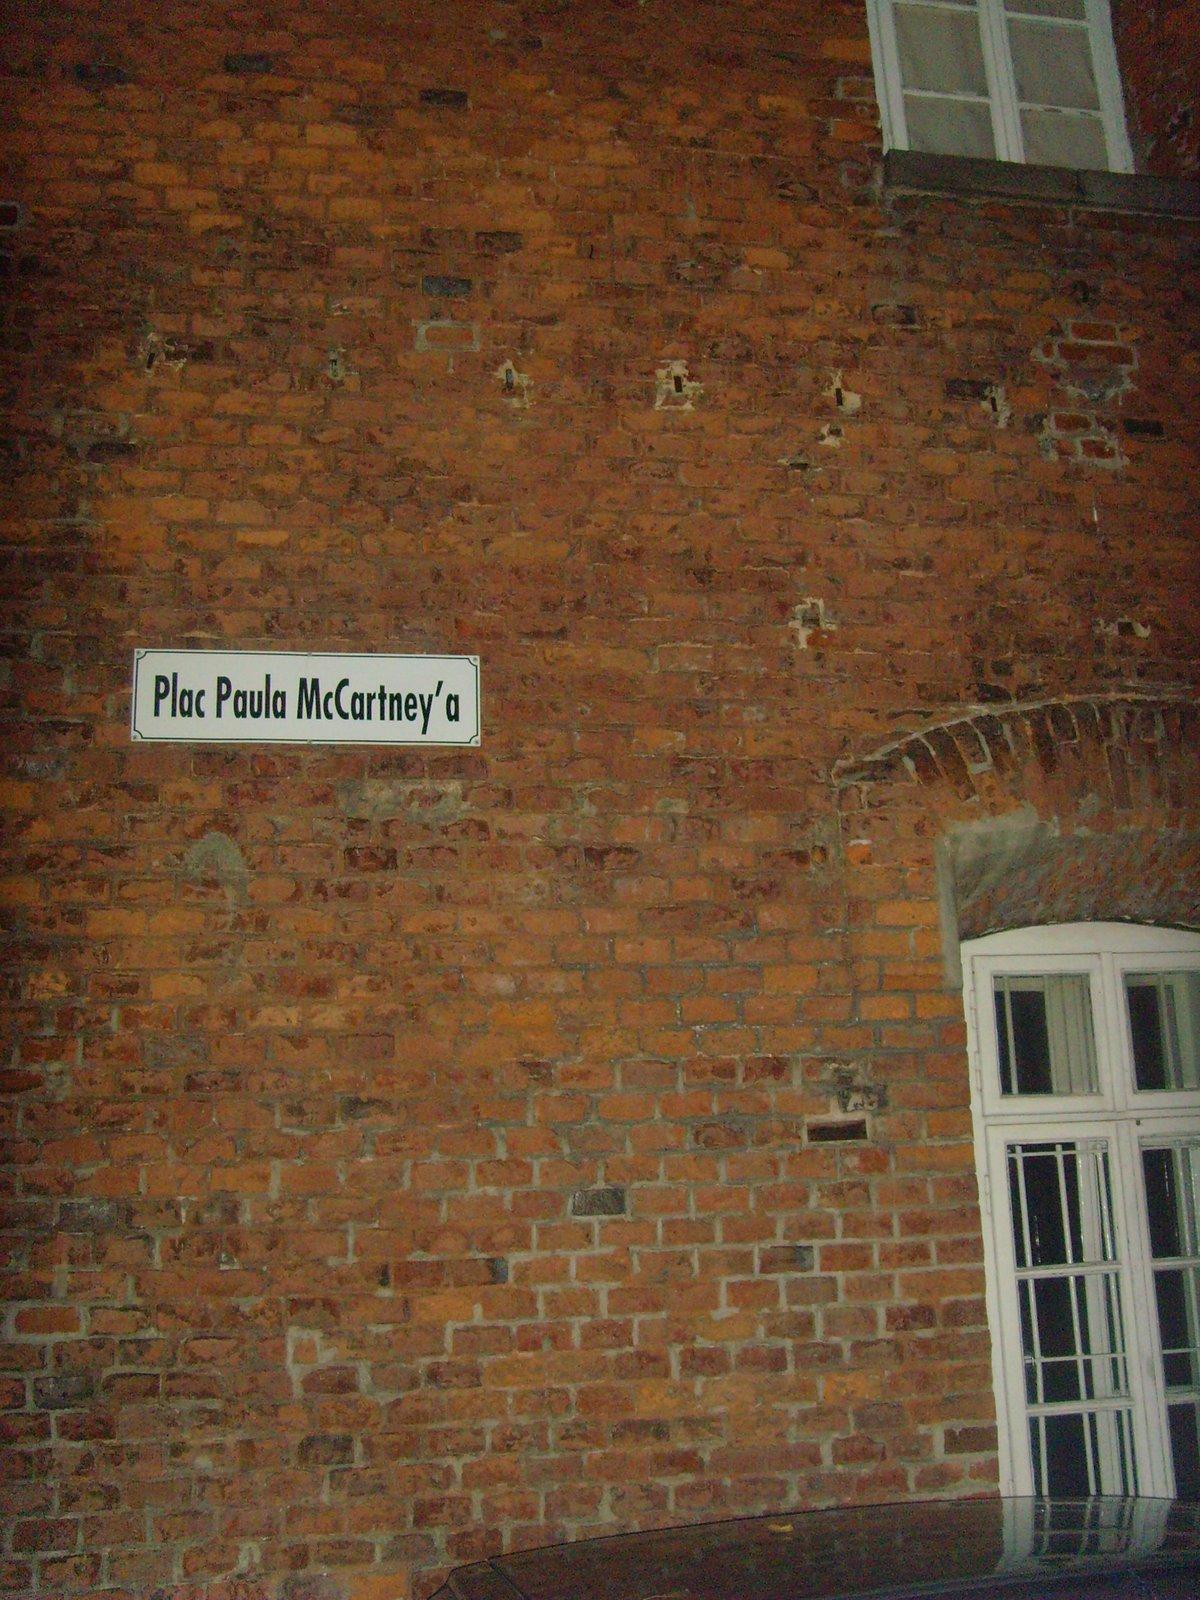 McCartney street in Poland